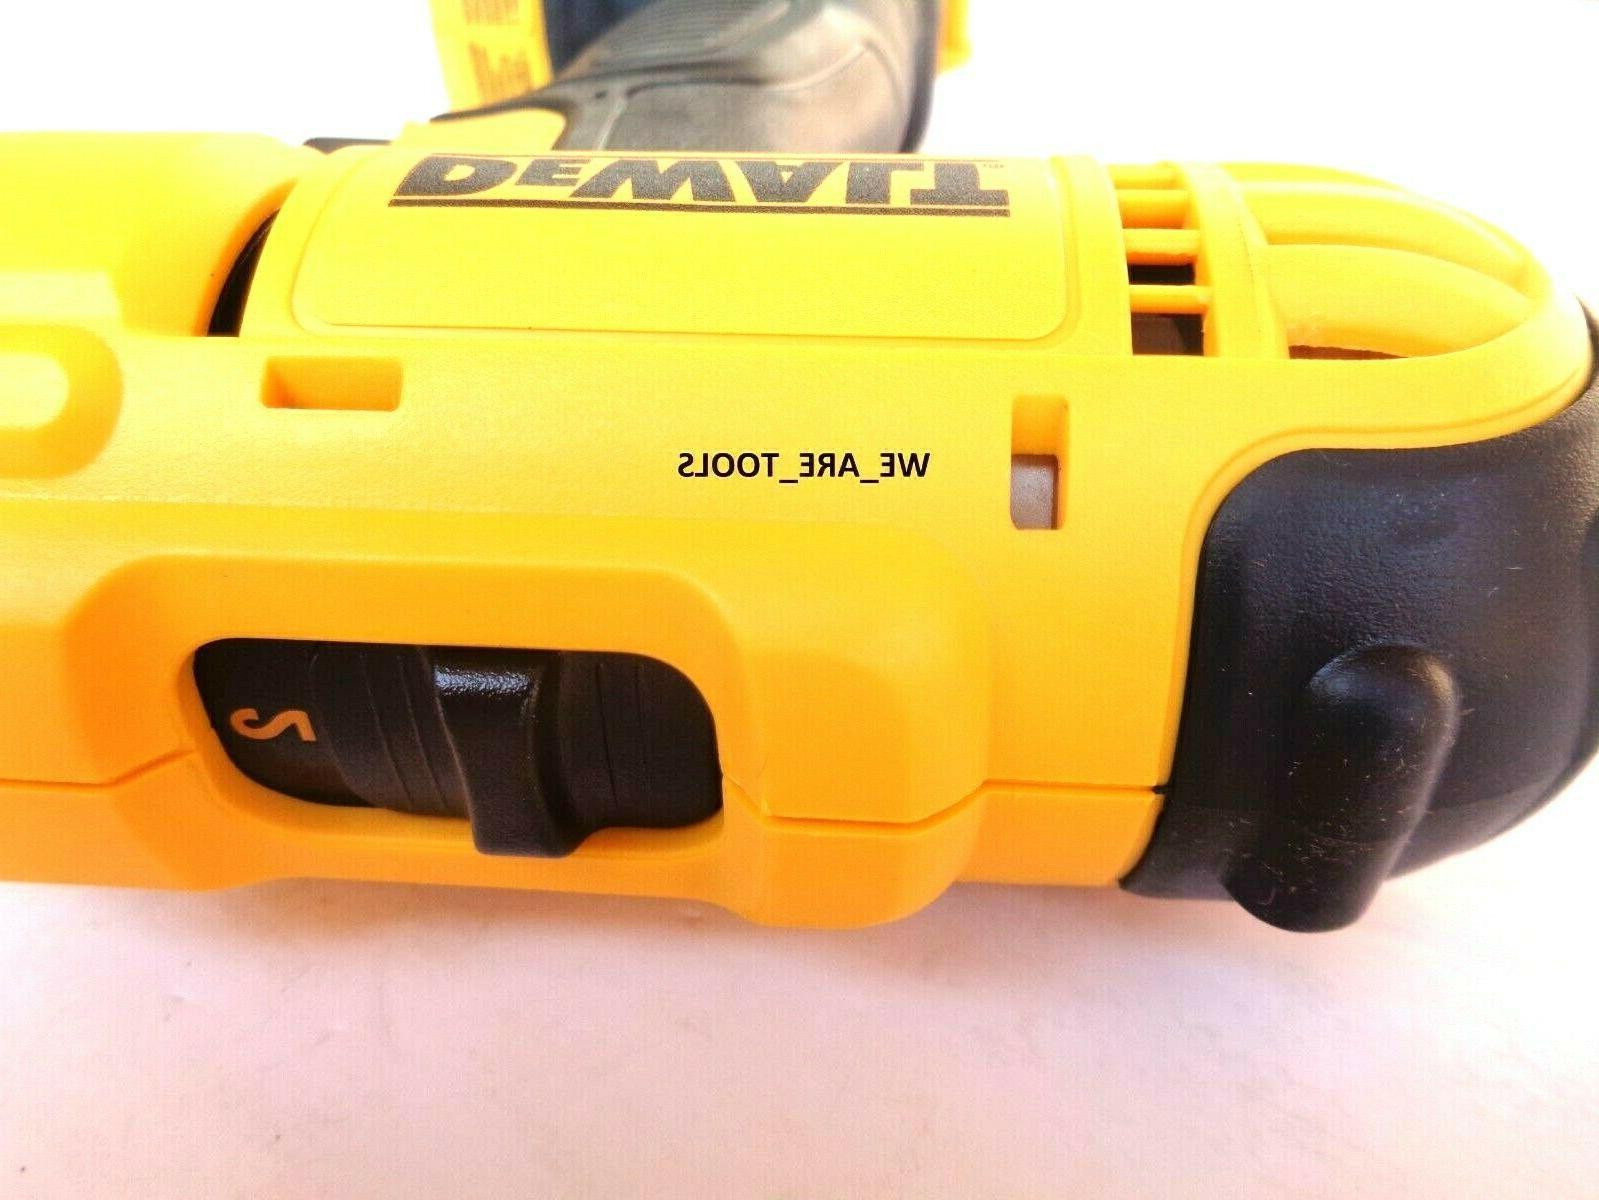 New DeWalt DCD771 1/2 MAX 20